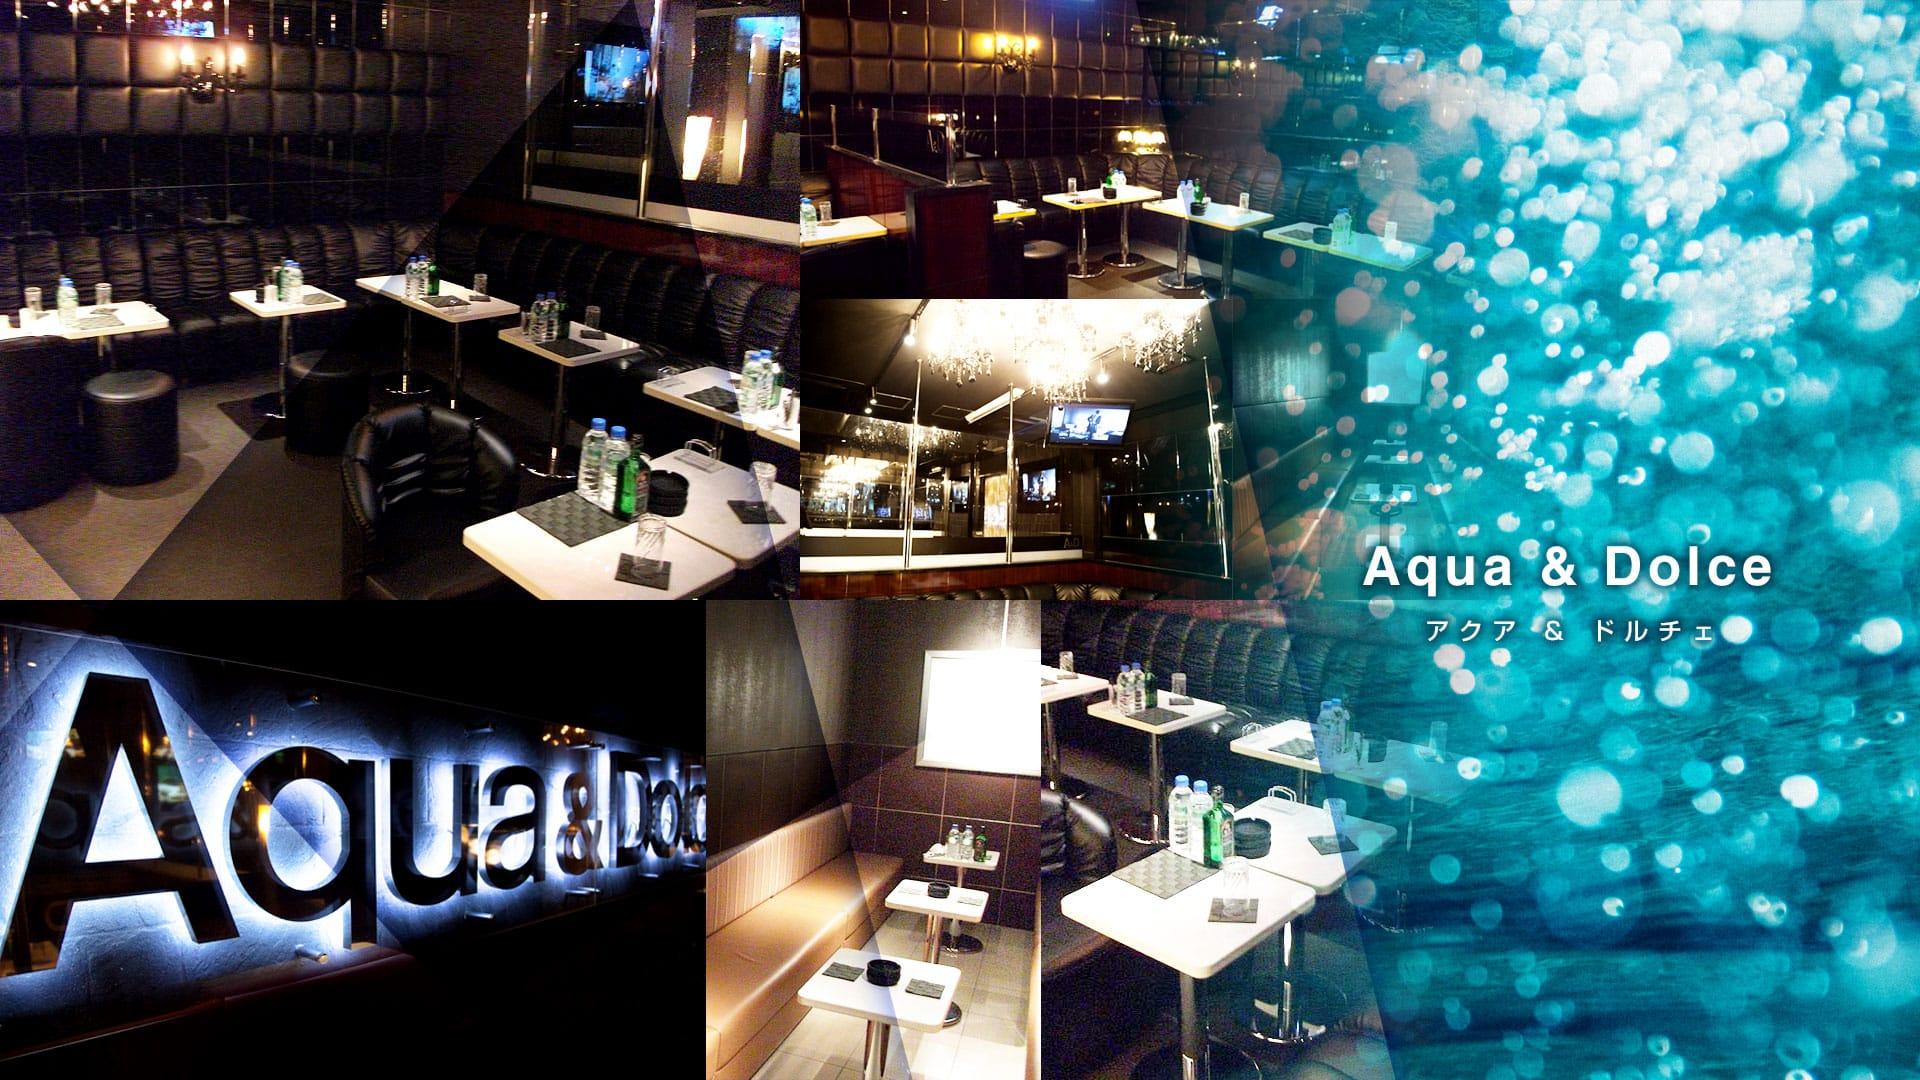 Aqua & Dolce~アクアアンドドルチェ~ TOP画像